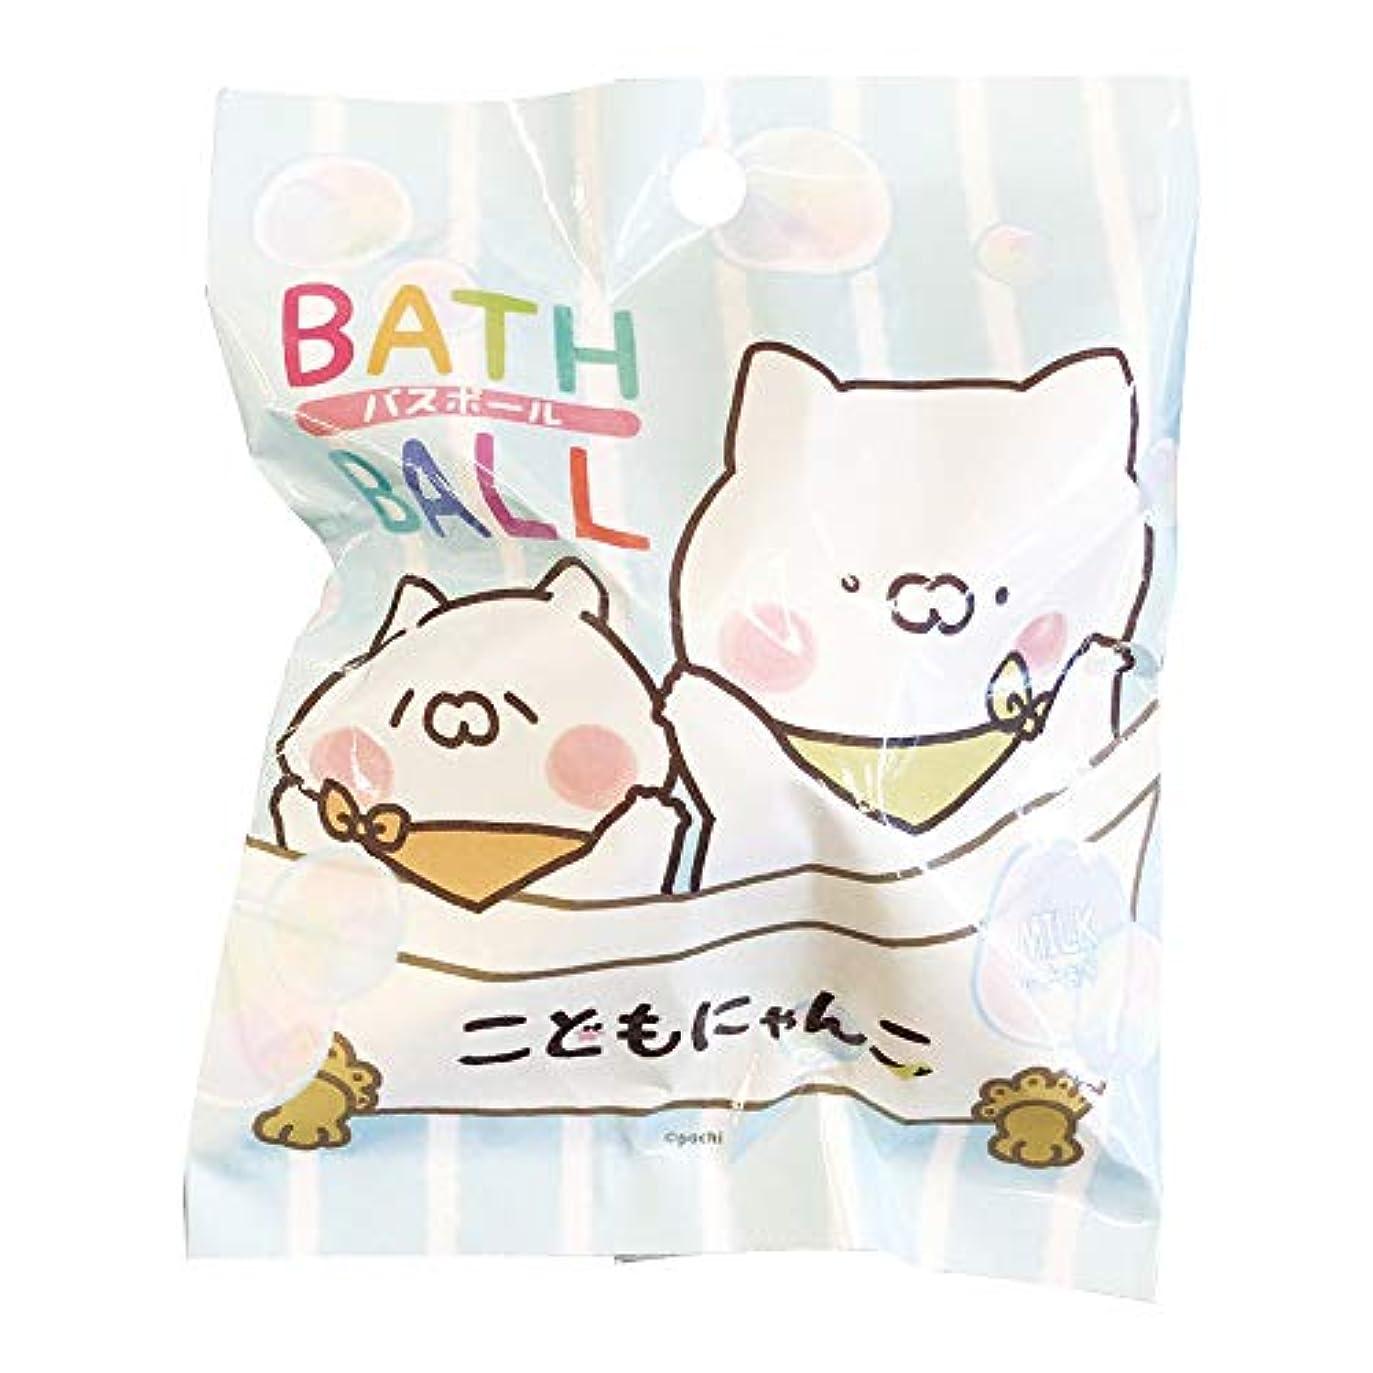 暖炉ドック革命的こどもにゃんこ 入浴剤 バスボール おまけ付き ミルクの香り 50g ABD-043-001